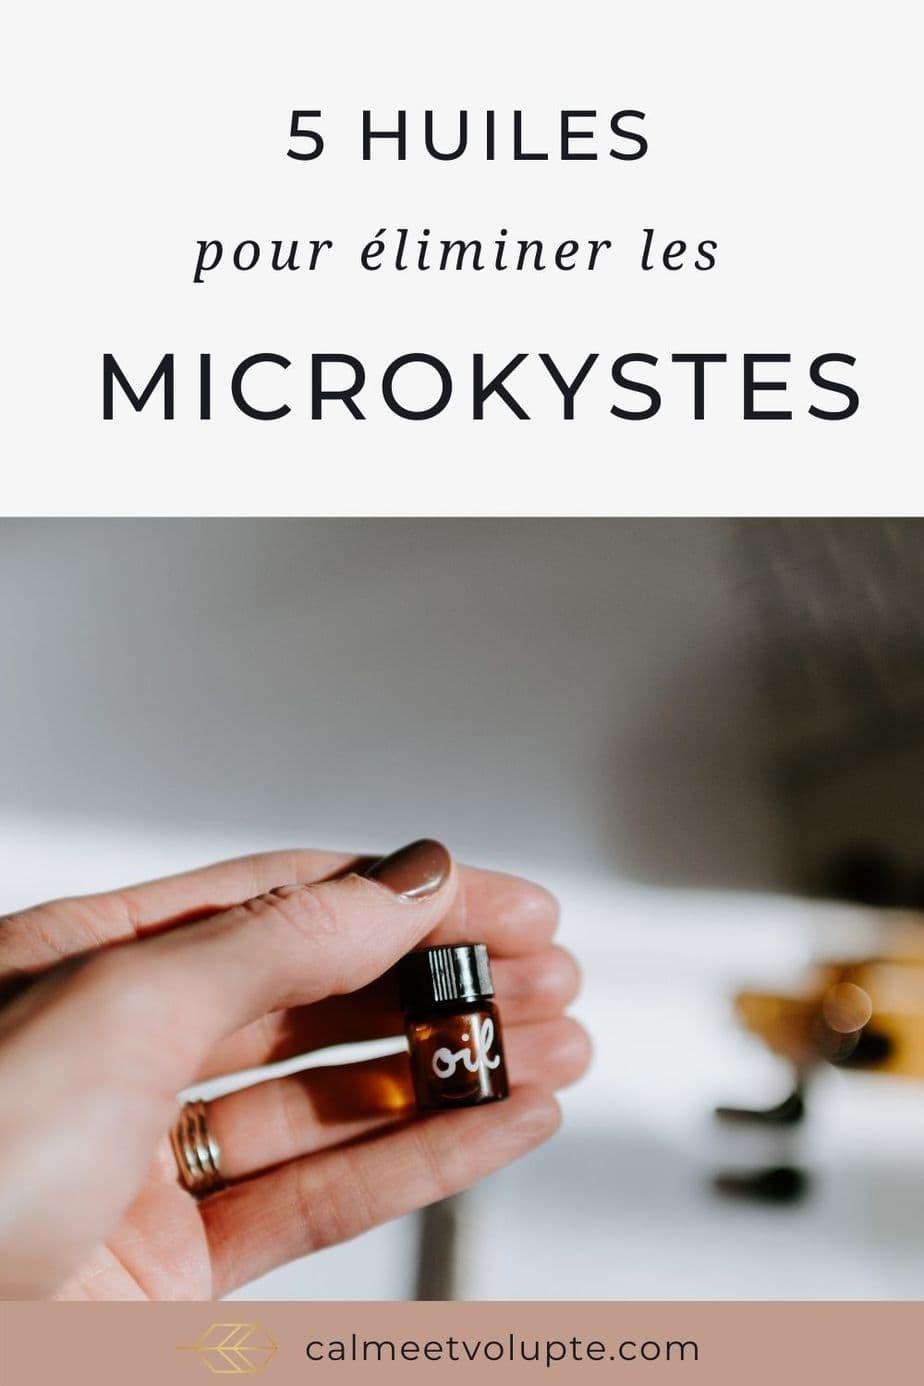 5 huiles pour éliminer les microkystes